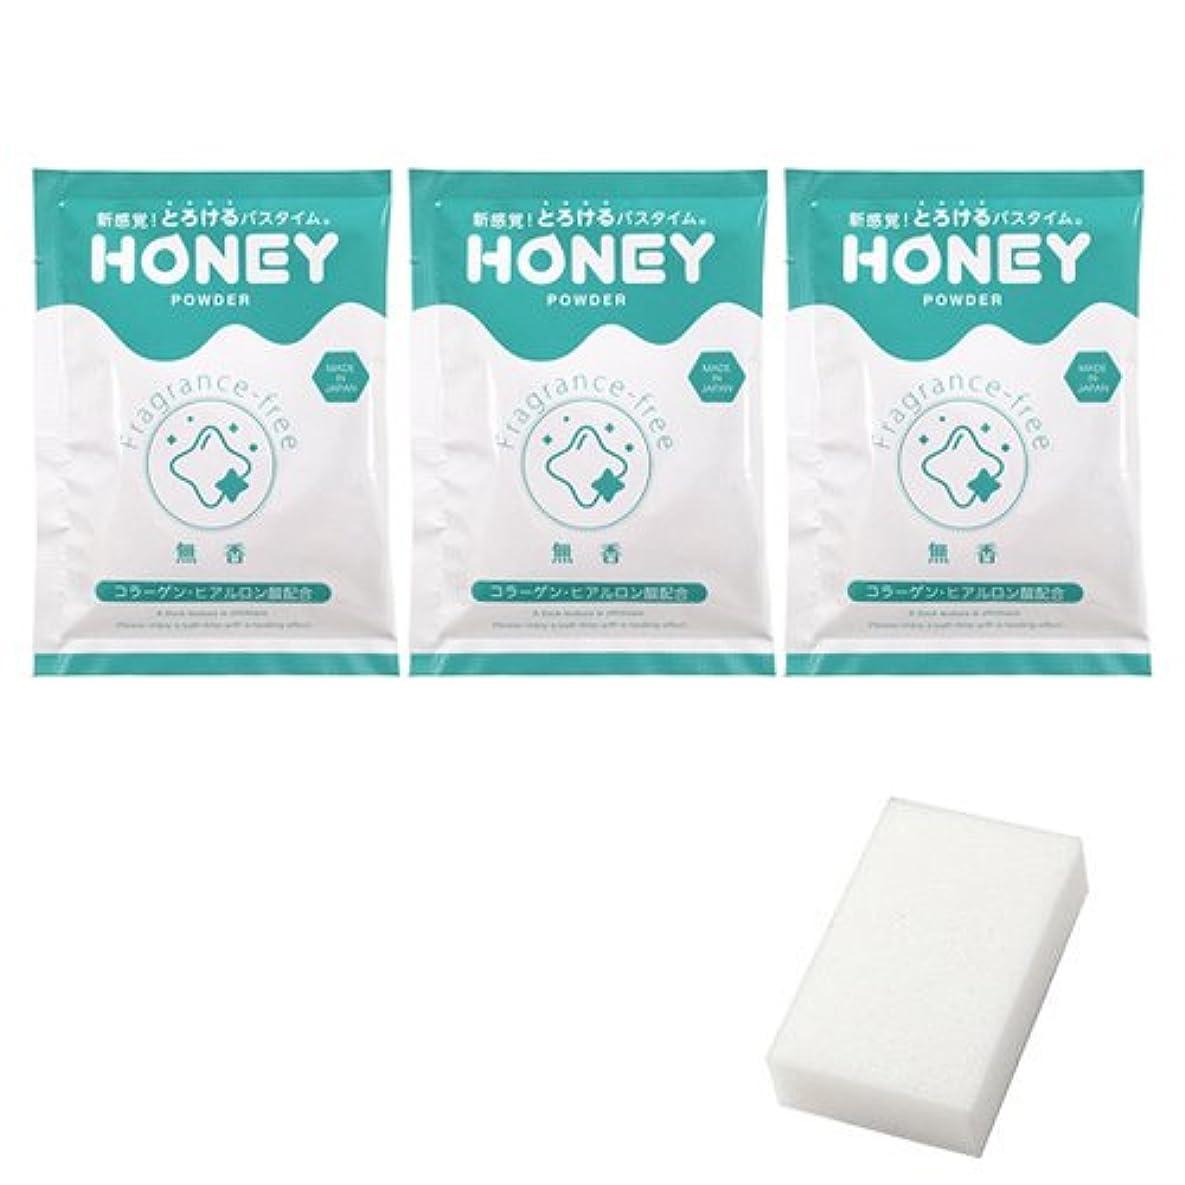 離れた君主圧倒するとろとろ入浴剤【honey powder】(ハニーパウダー) 無香タイプ 3個セット + 圧縮スポンジセット